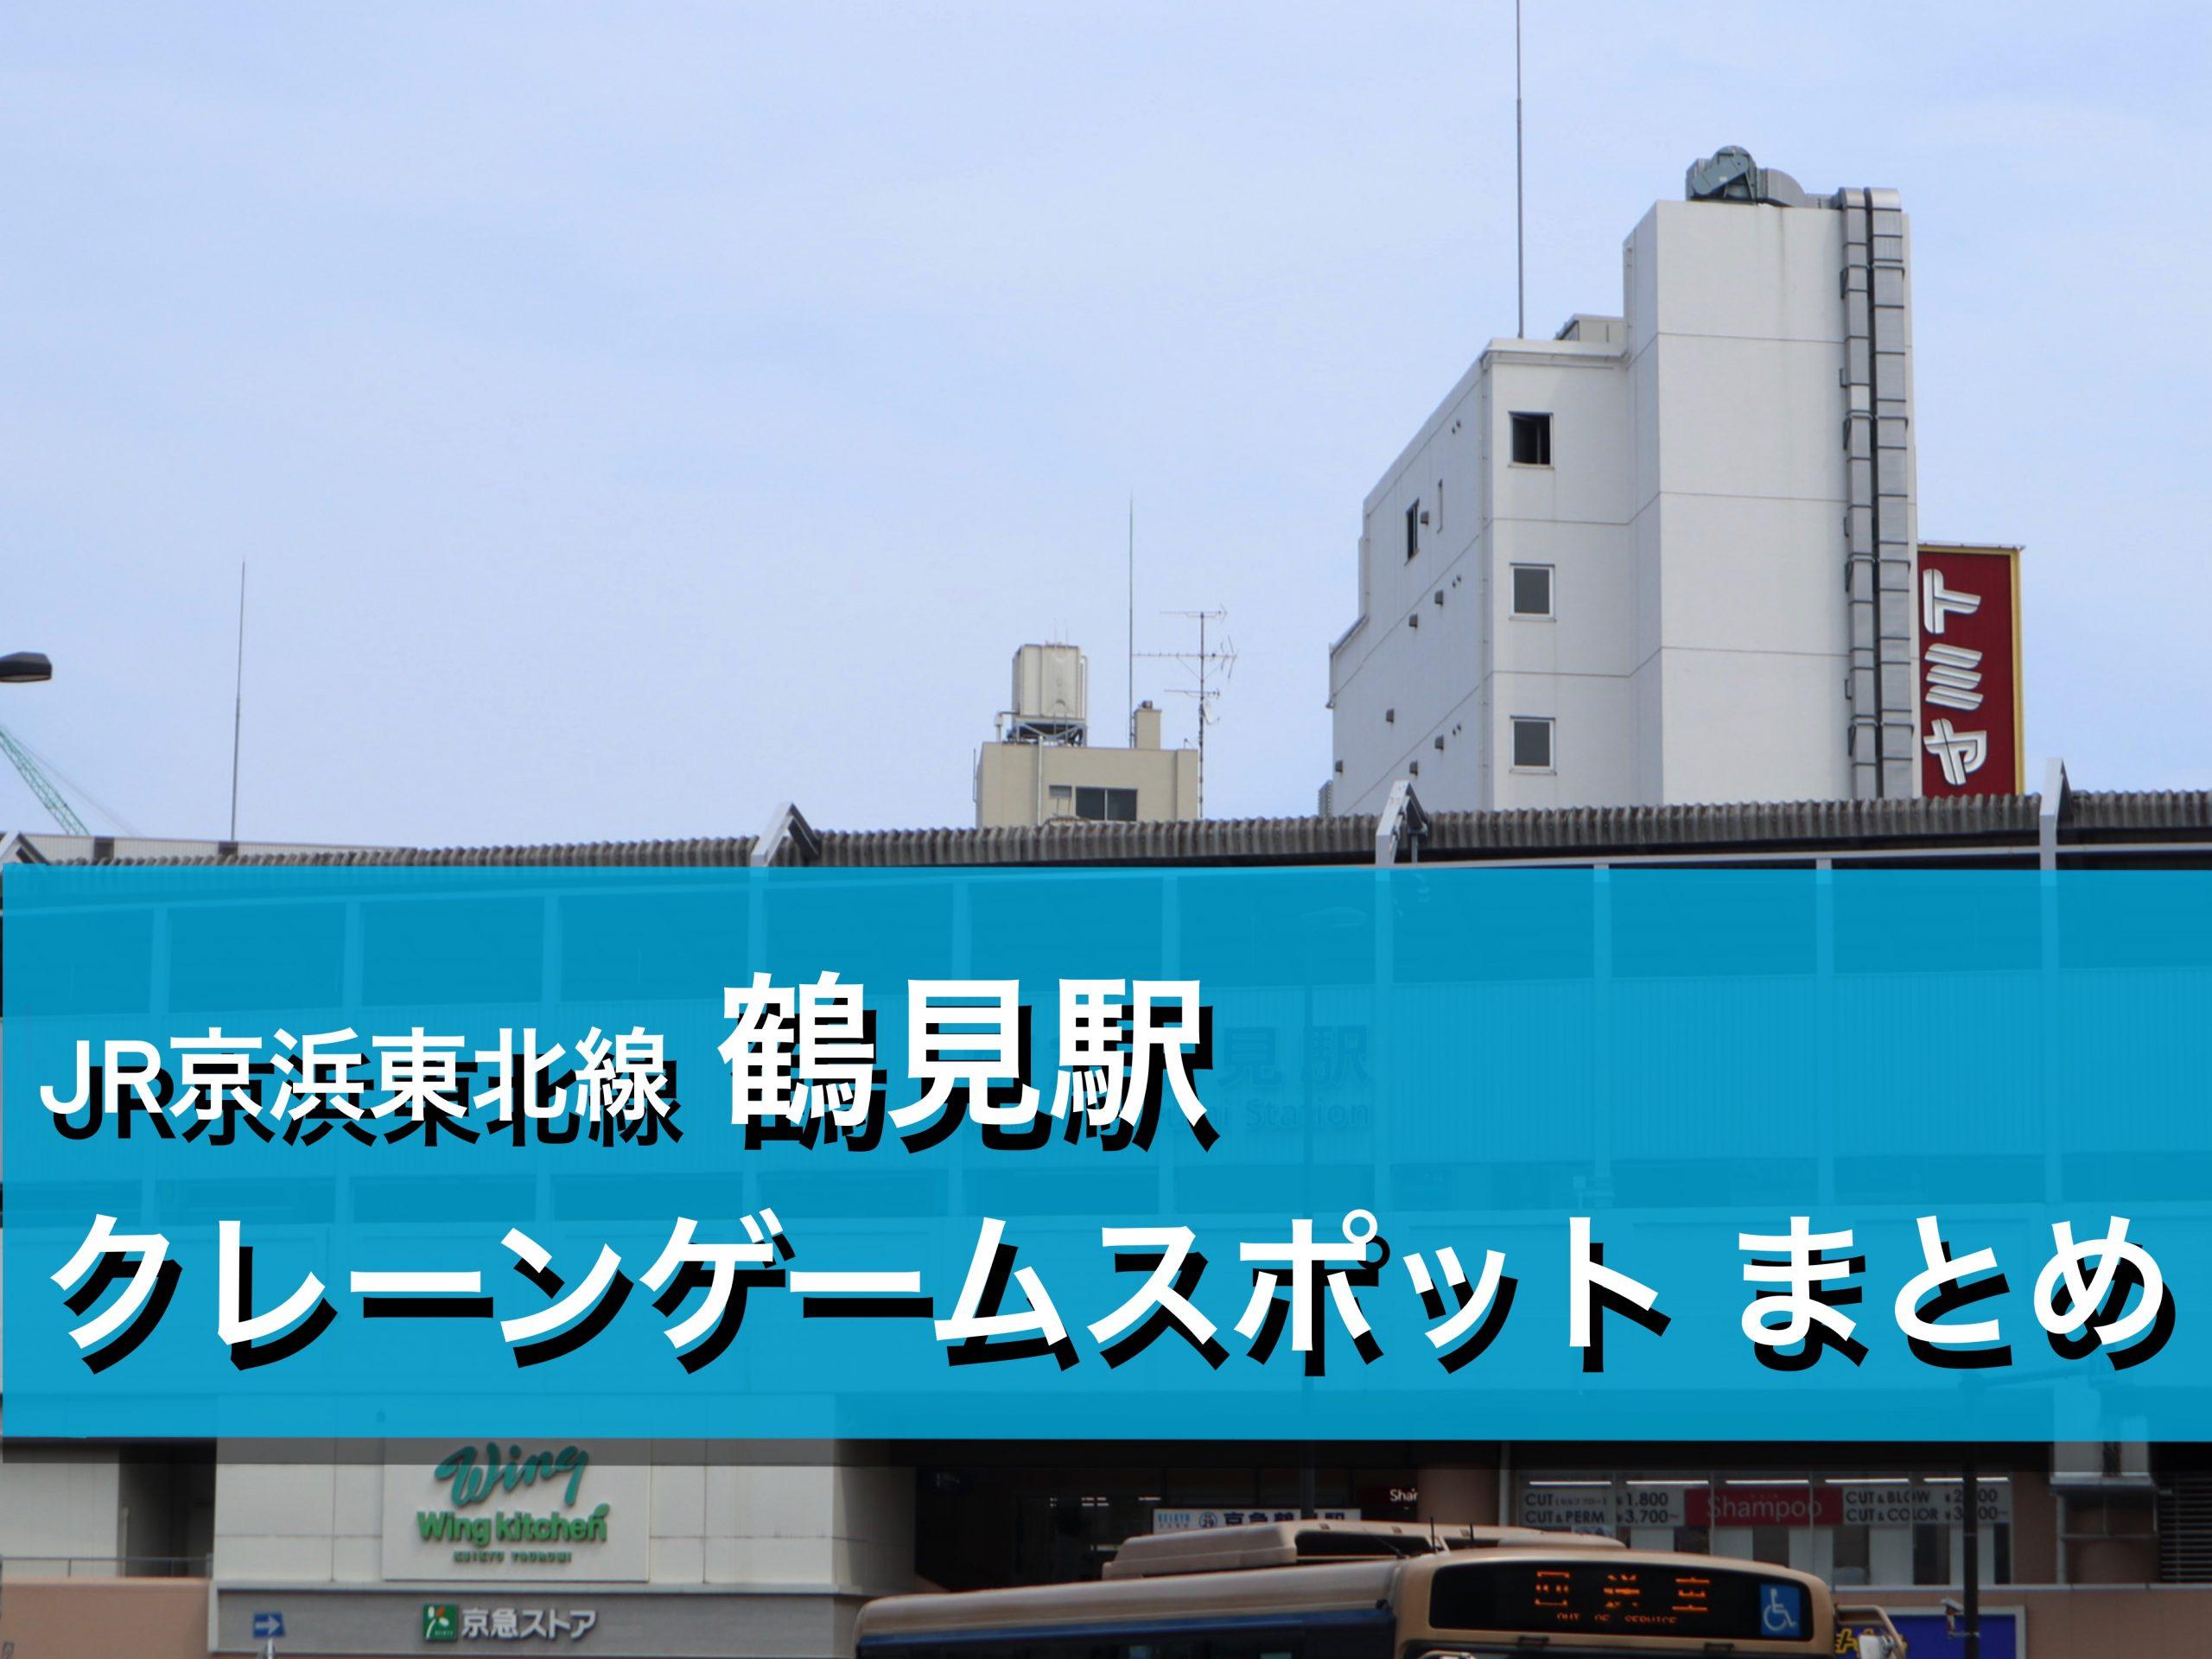 【鶴見駅】クレーンゲームができる場所